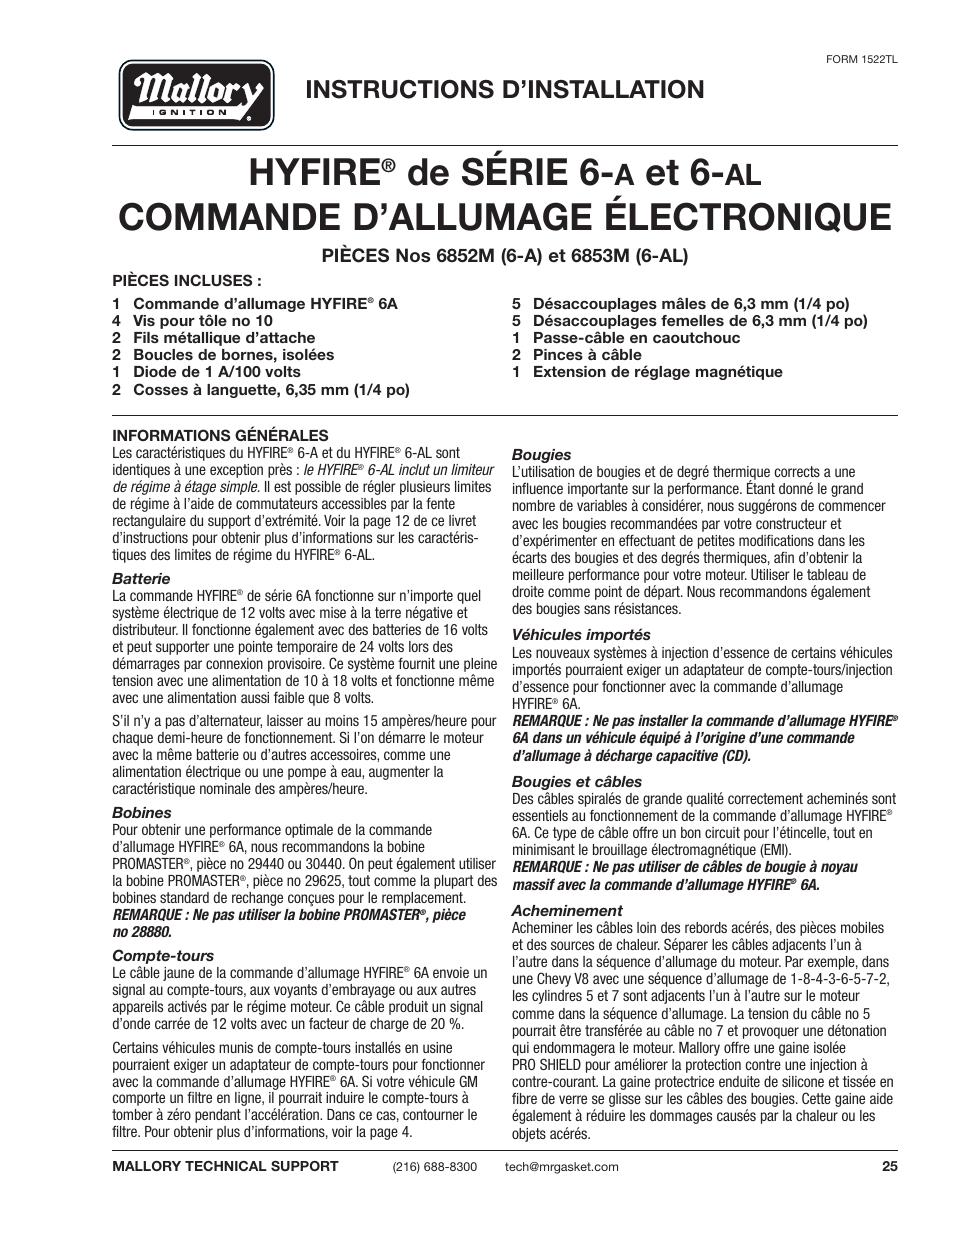 Manual Electronic Ignition Amazing Deal Michaelieclark Mallory Hyfire 6853m Wiring Diagram De Srie 6 Et Commande Dallumage Lectronique Instructions